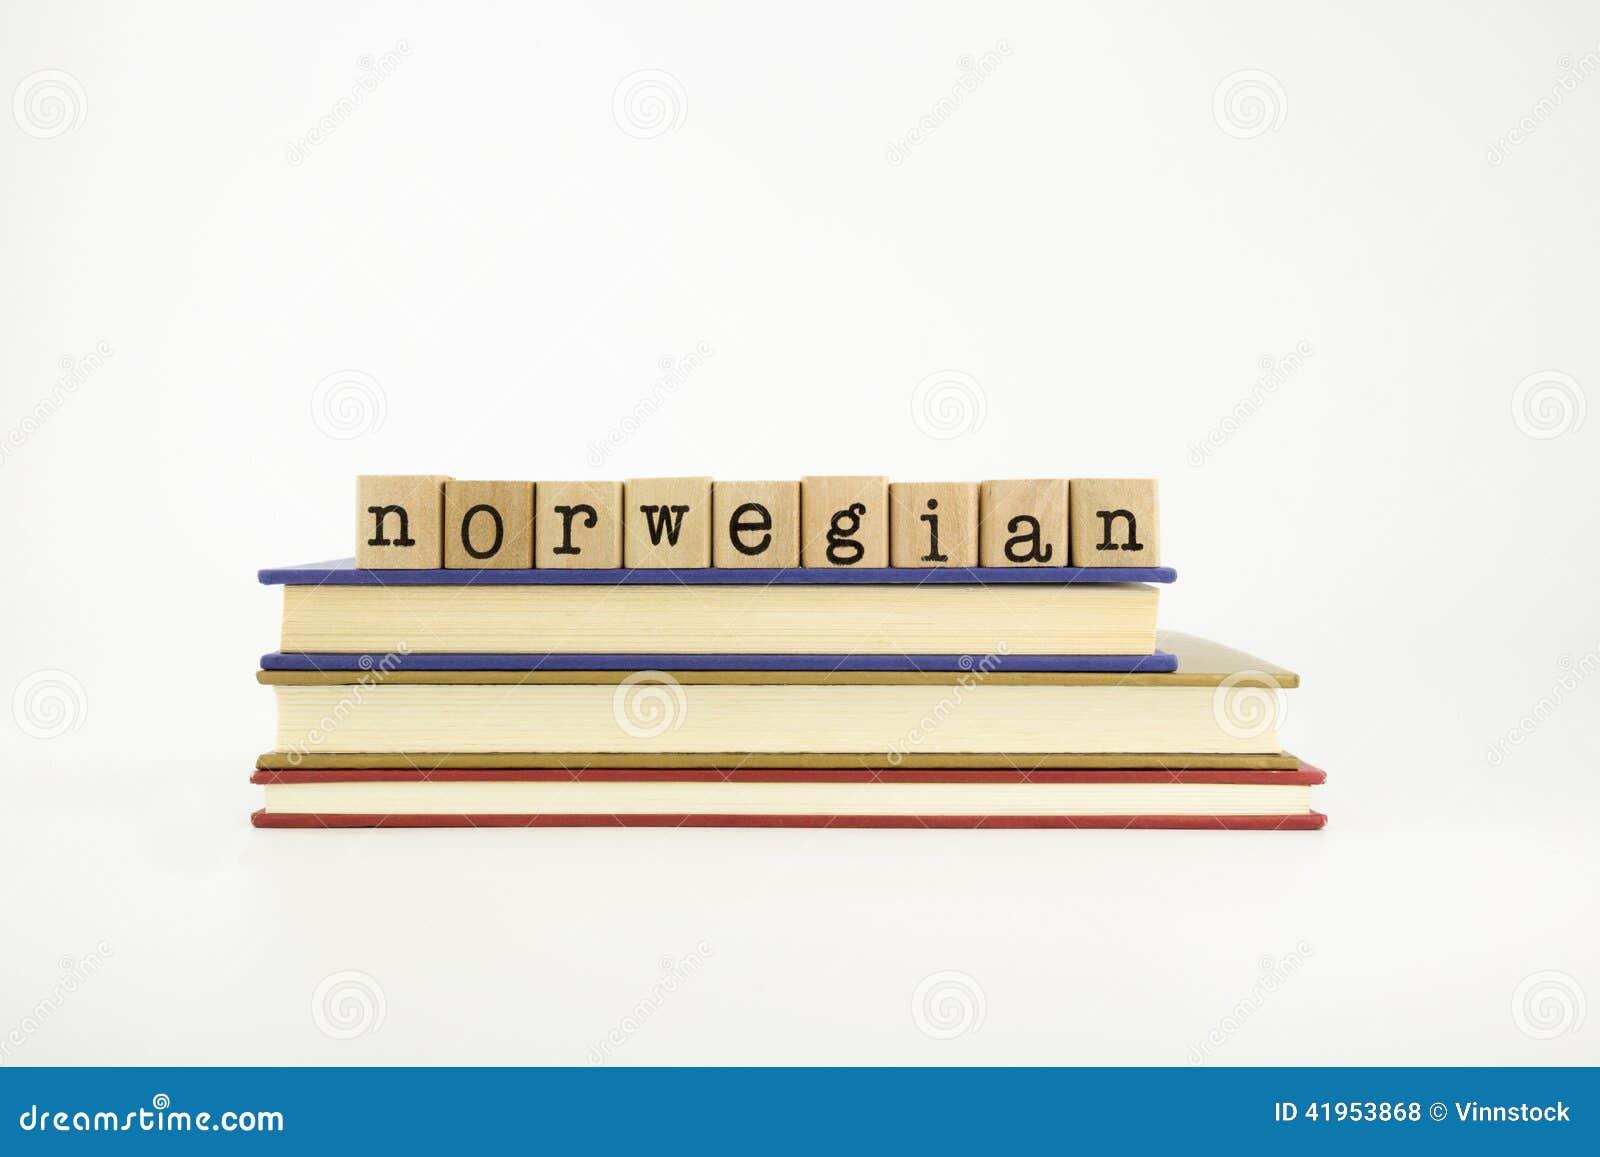 Norwegain językowy słowo na drewnie stempluje i rezerwuje